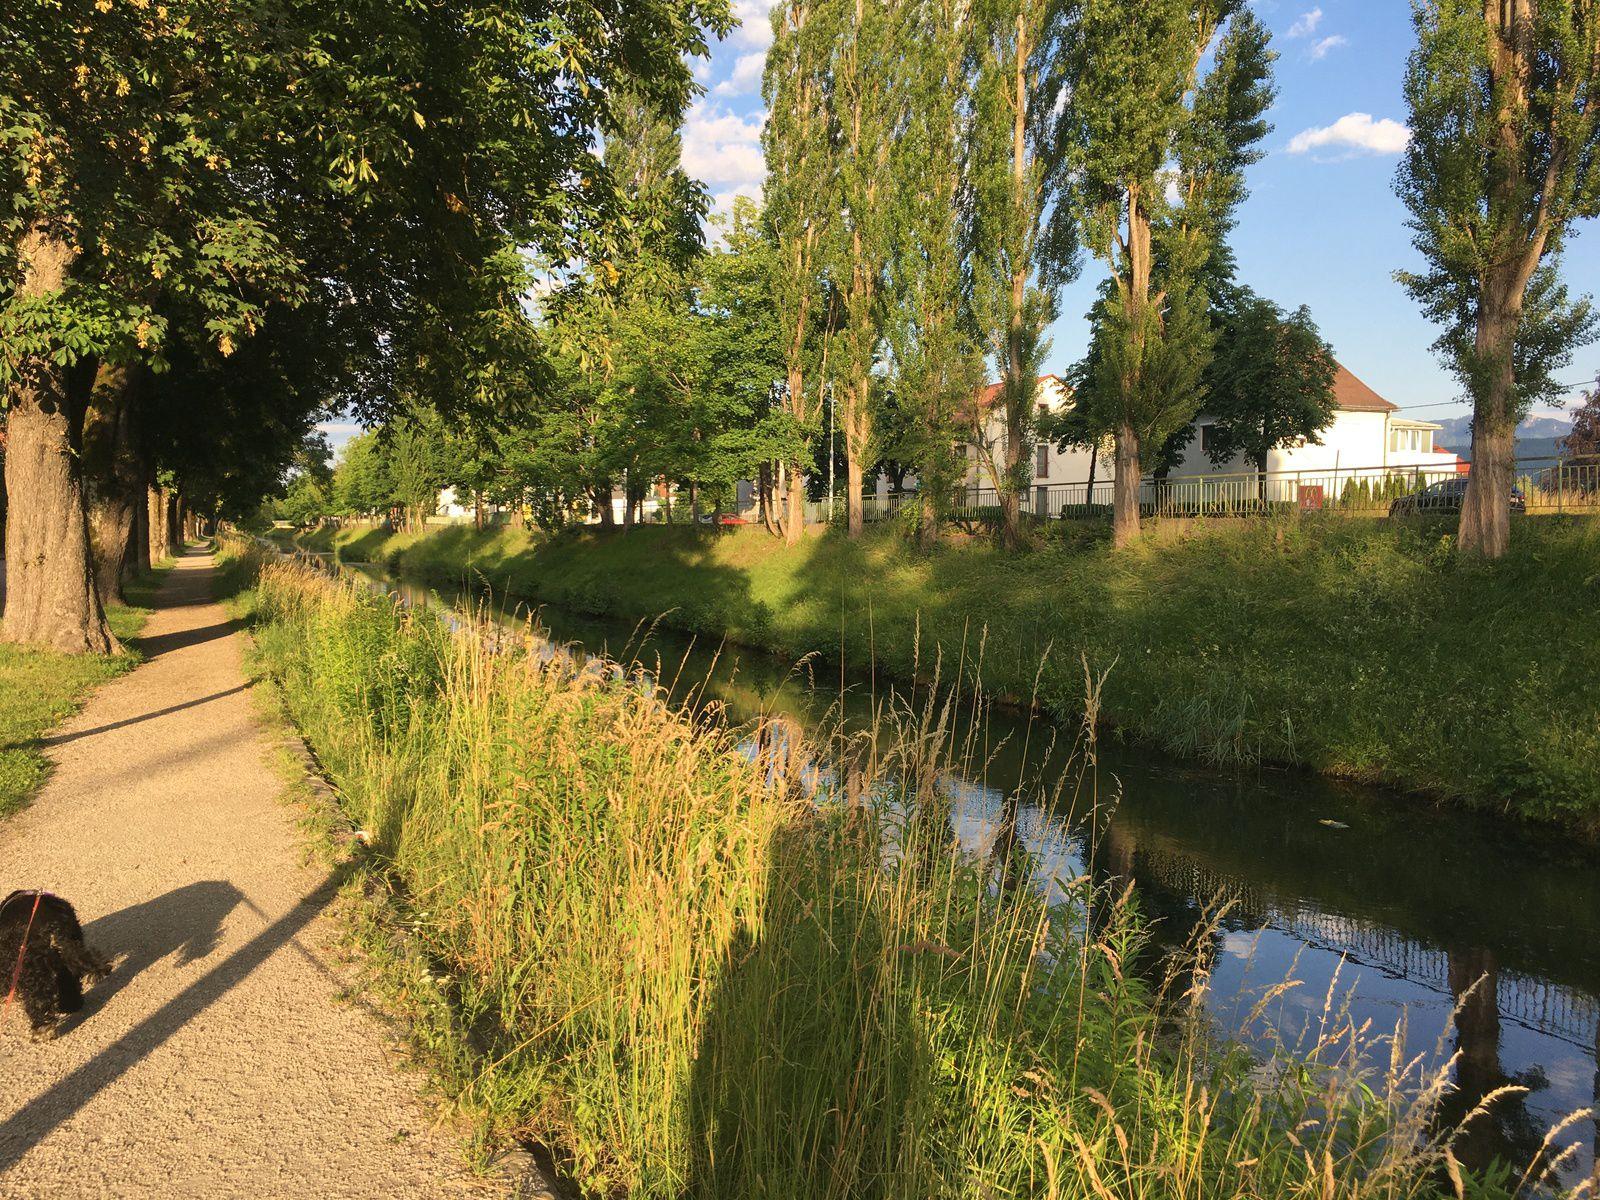 23 juin 2020 : Wörthersee / Klagenfurt (Autriche)